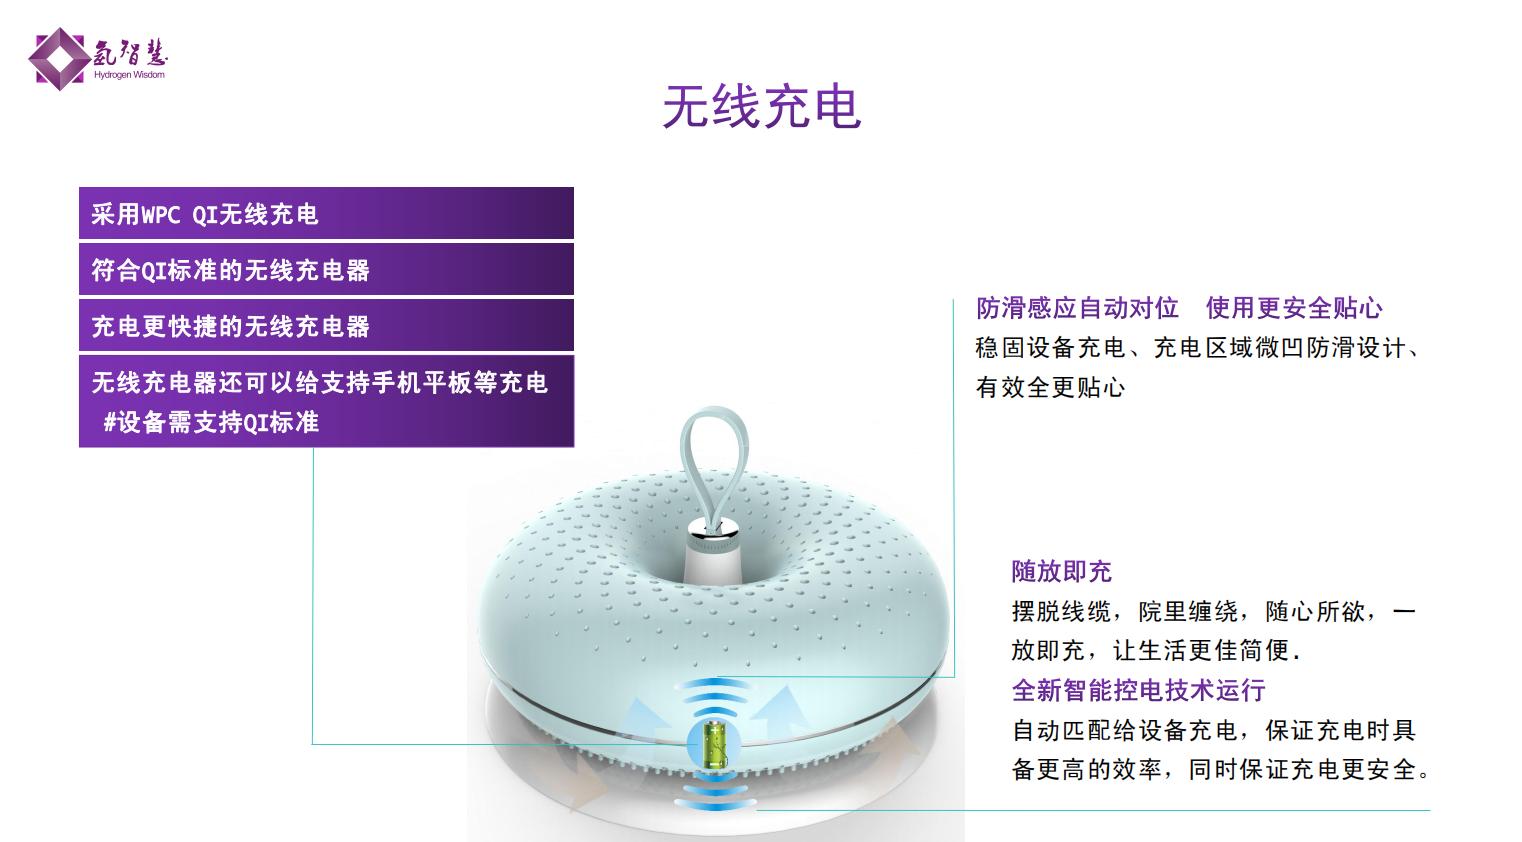 福州氢智慧水素仪厂家